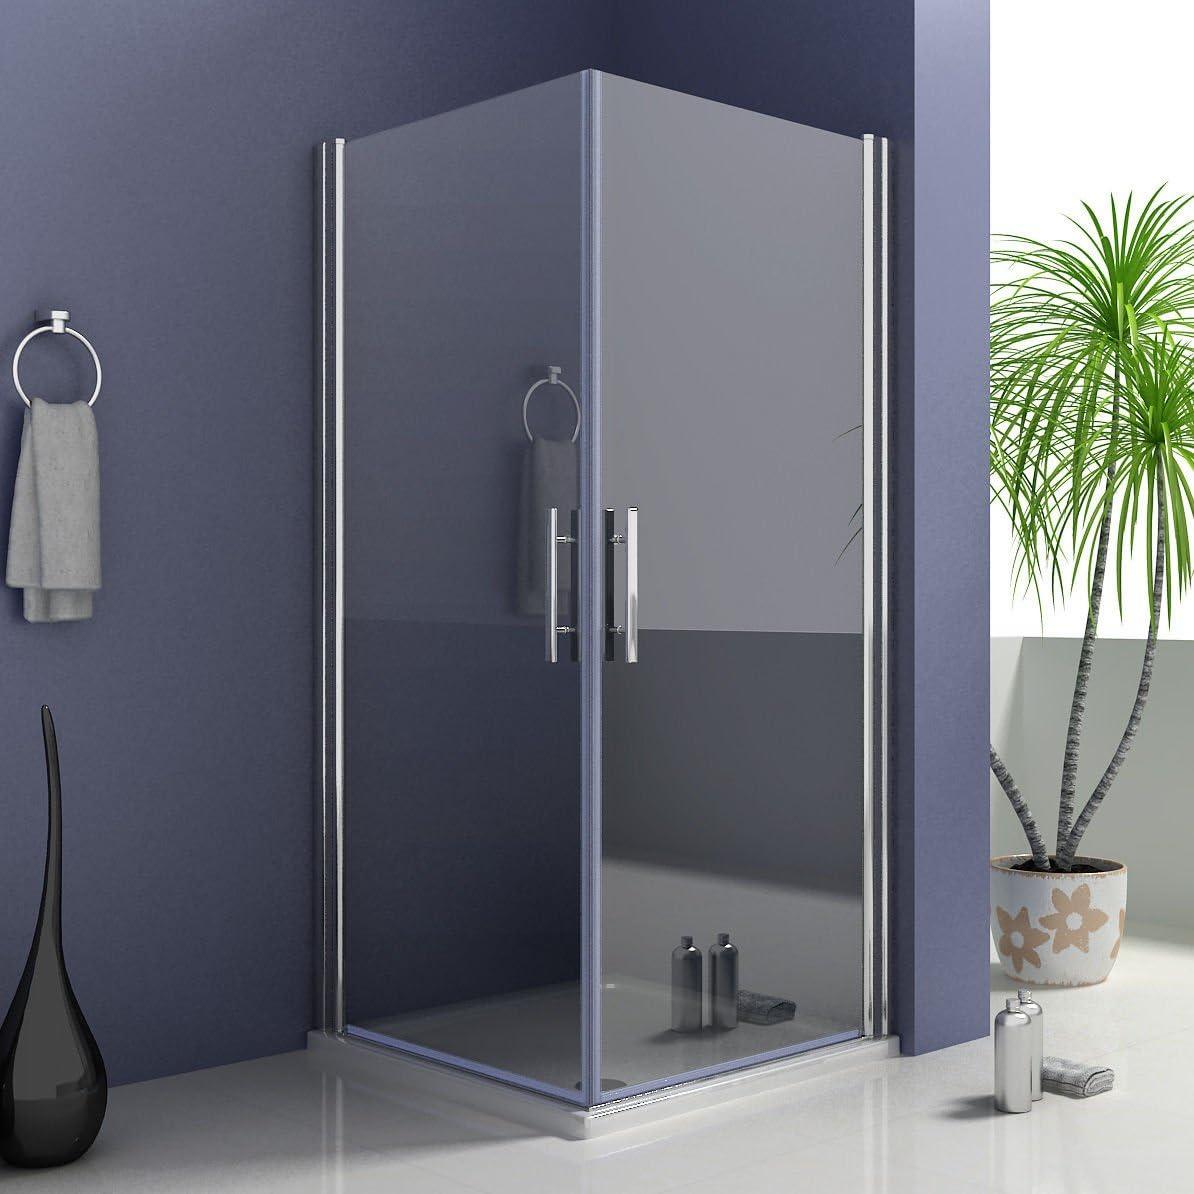 76 x 76 cm mampara de ducha cabina de ducha puertas de acceso por la esquina con guardapolvo para puerta de ducha: Amazon.es: Hogar